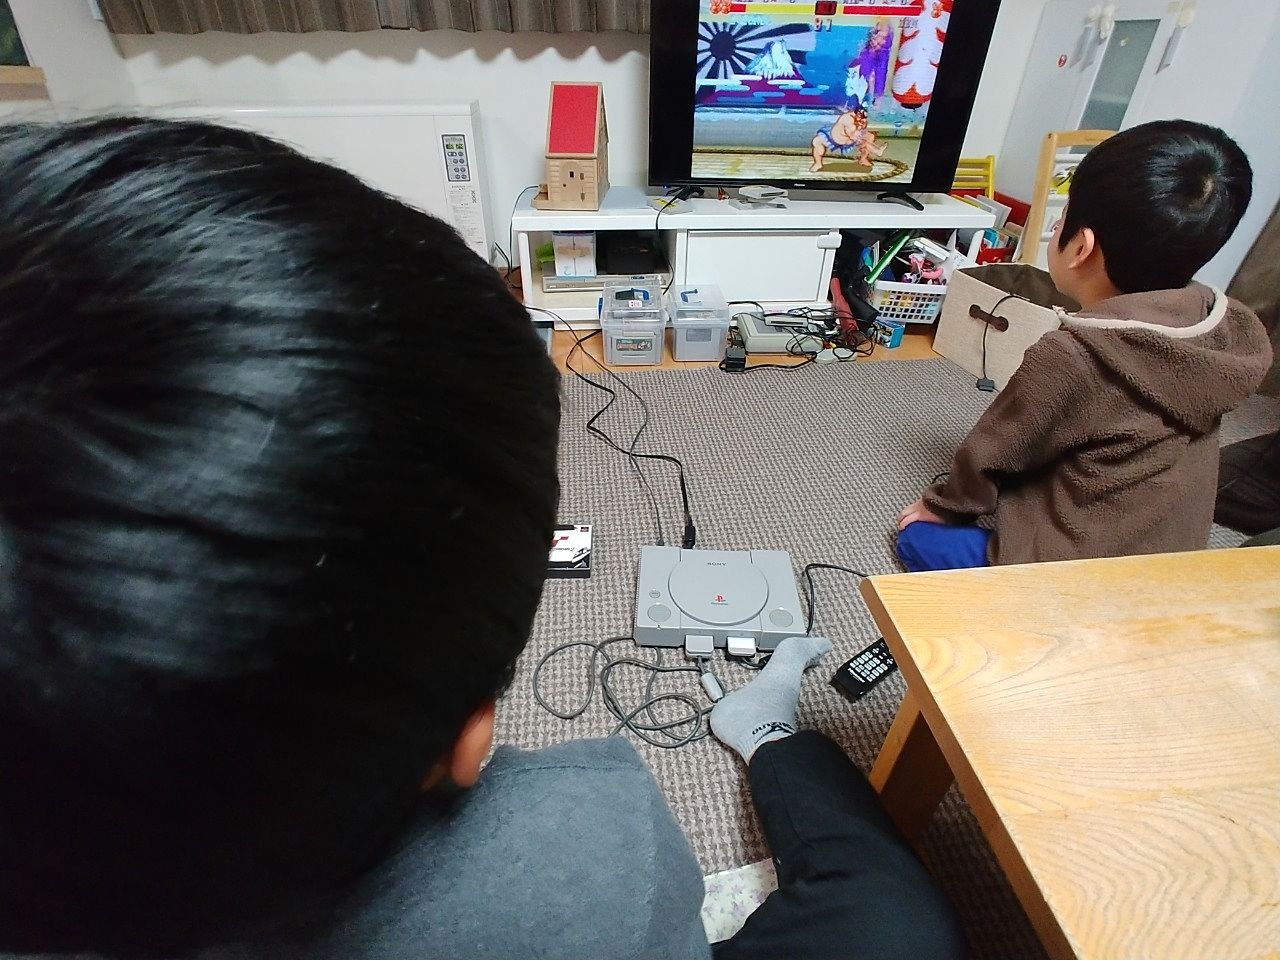 兄弟でゲーム対決